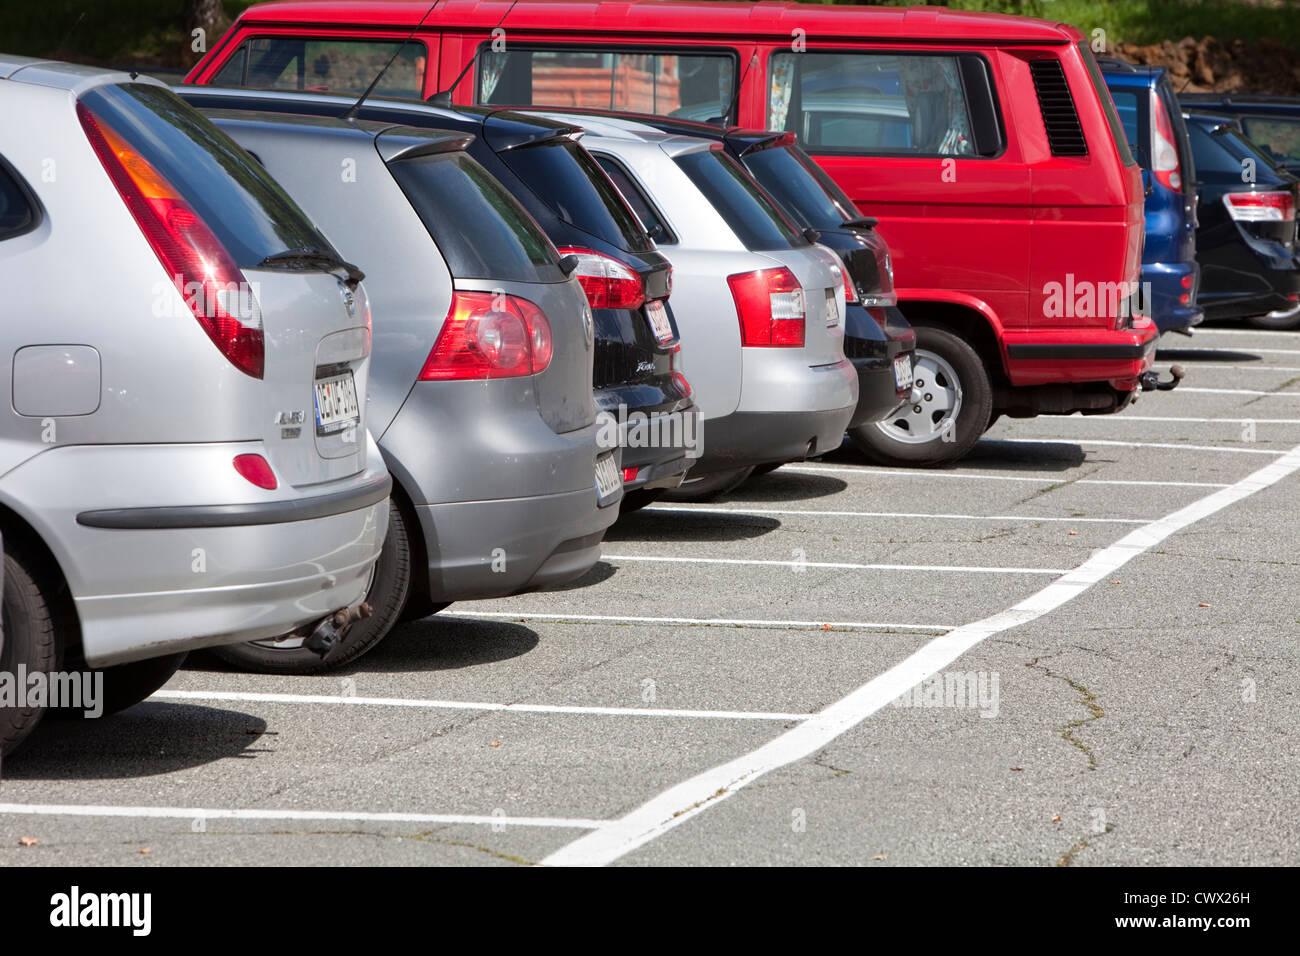 Besetzt, Parkplatz, Konzept-Bild, PKW-Stellplätze in Deutschland, Europa Stockbild